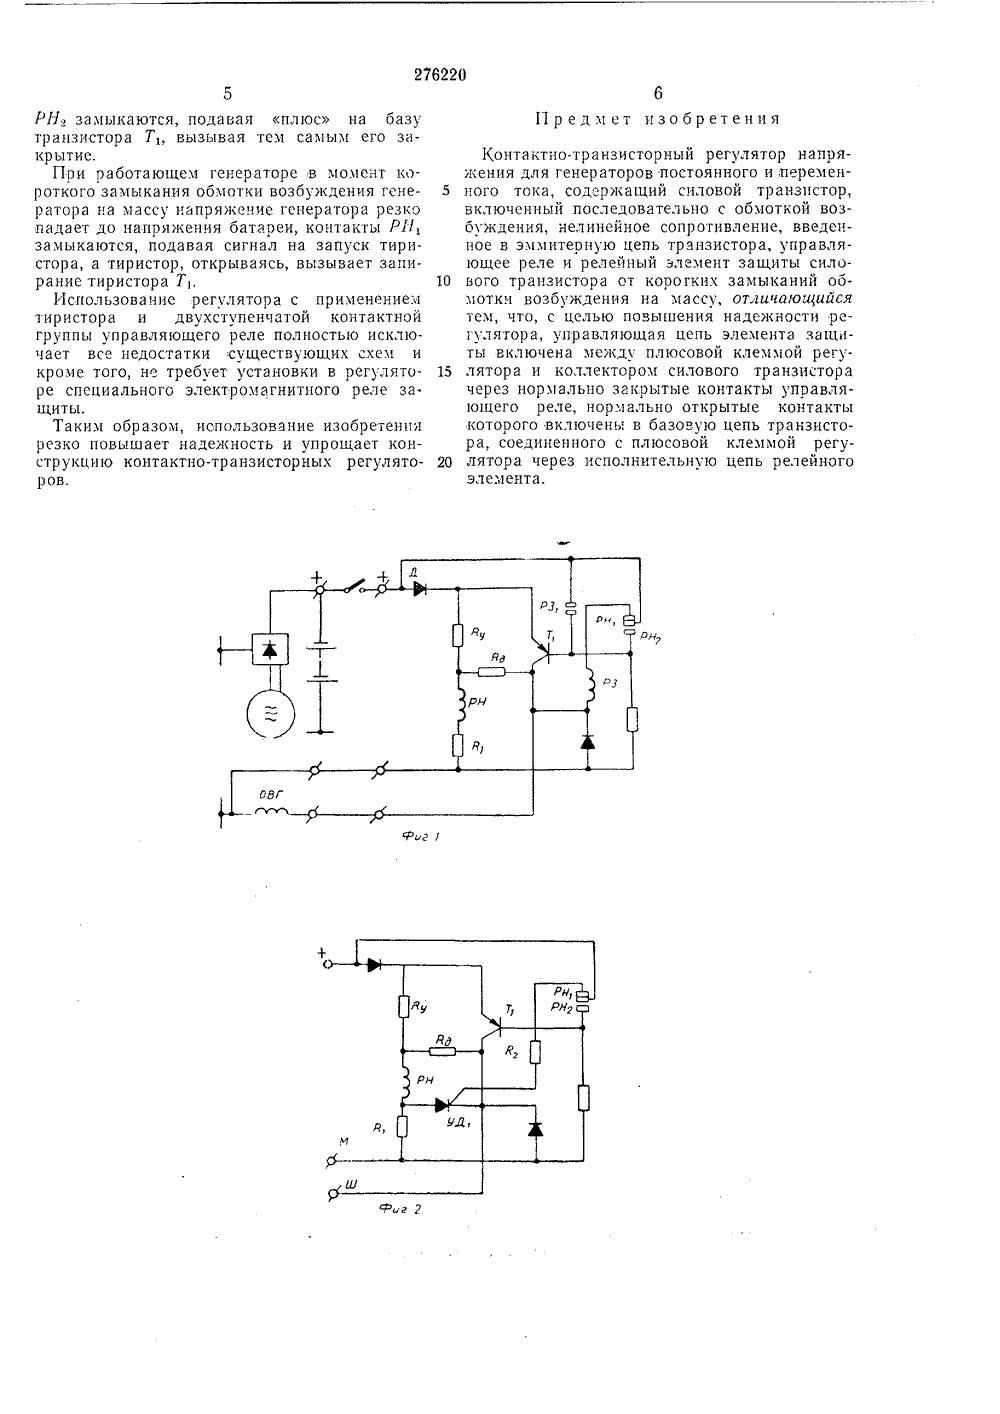 Контактно транзисторный регулятор напряжения схема